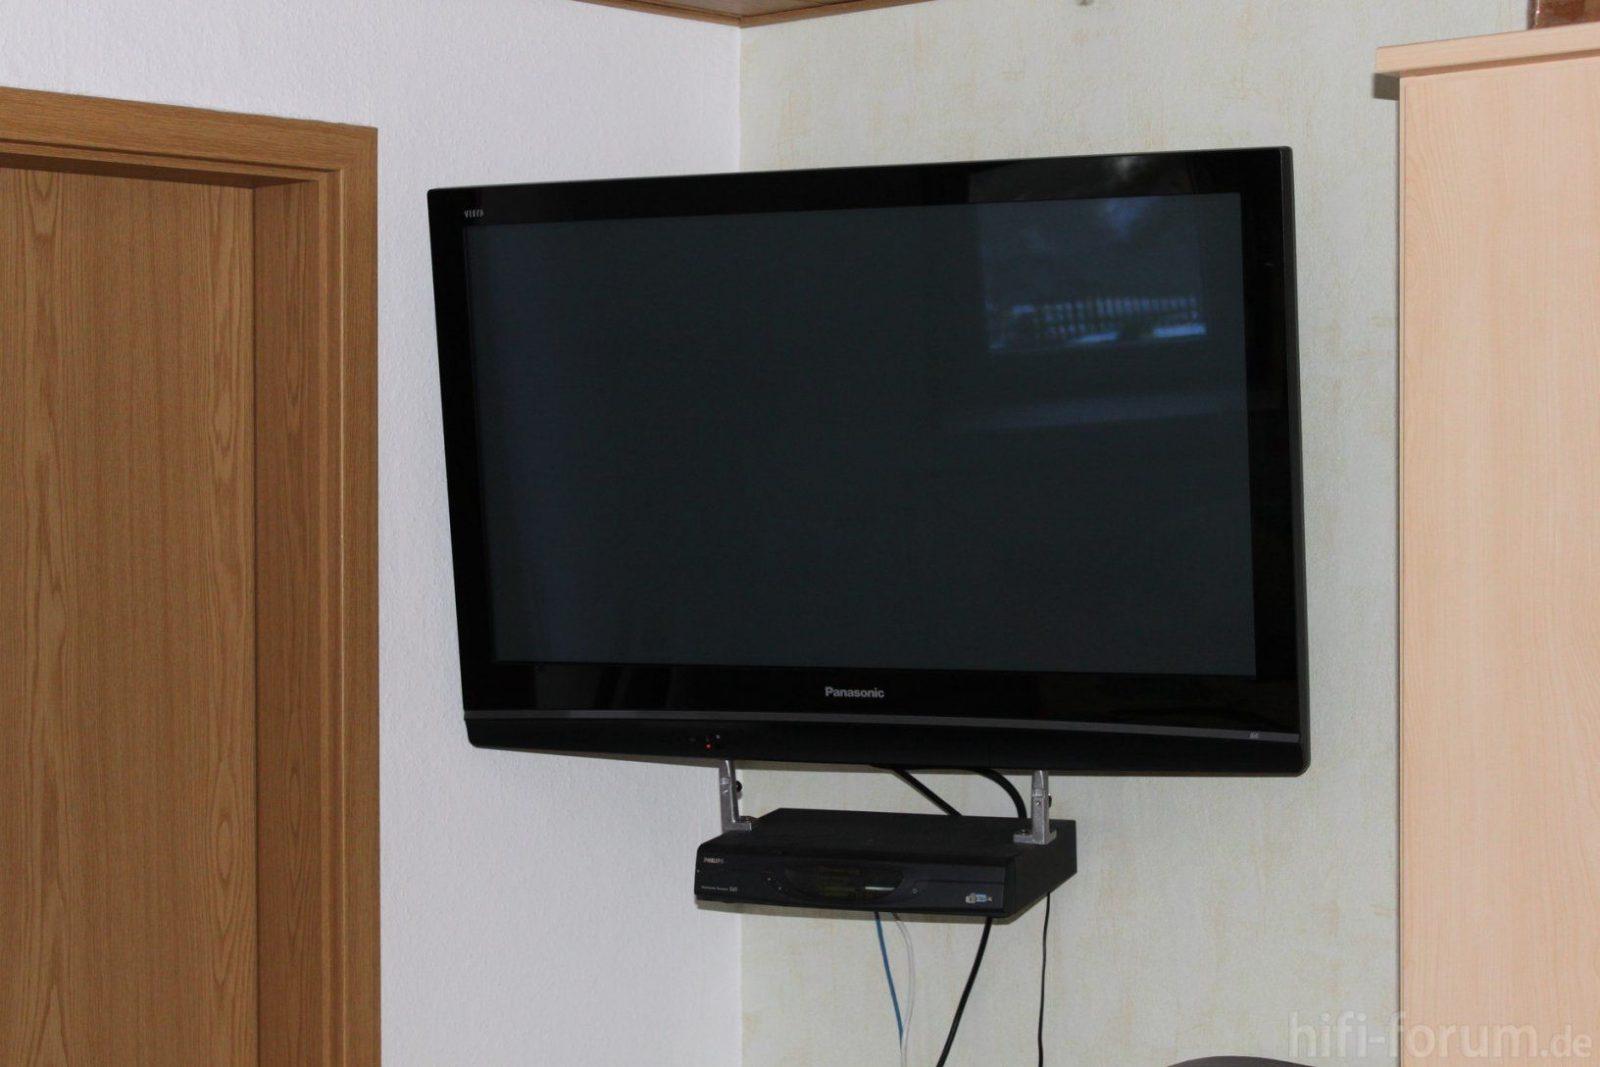 Schöne Fernseher Kabel Verstecken Tv Wandhalterung Kabel Verstecken von Wand Tv Kabel Verstecken Bild